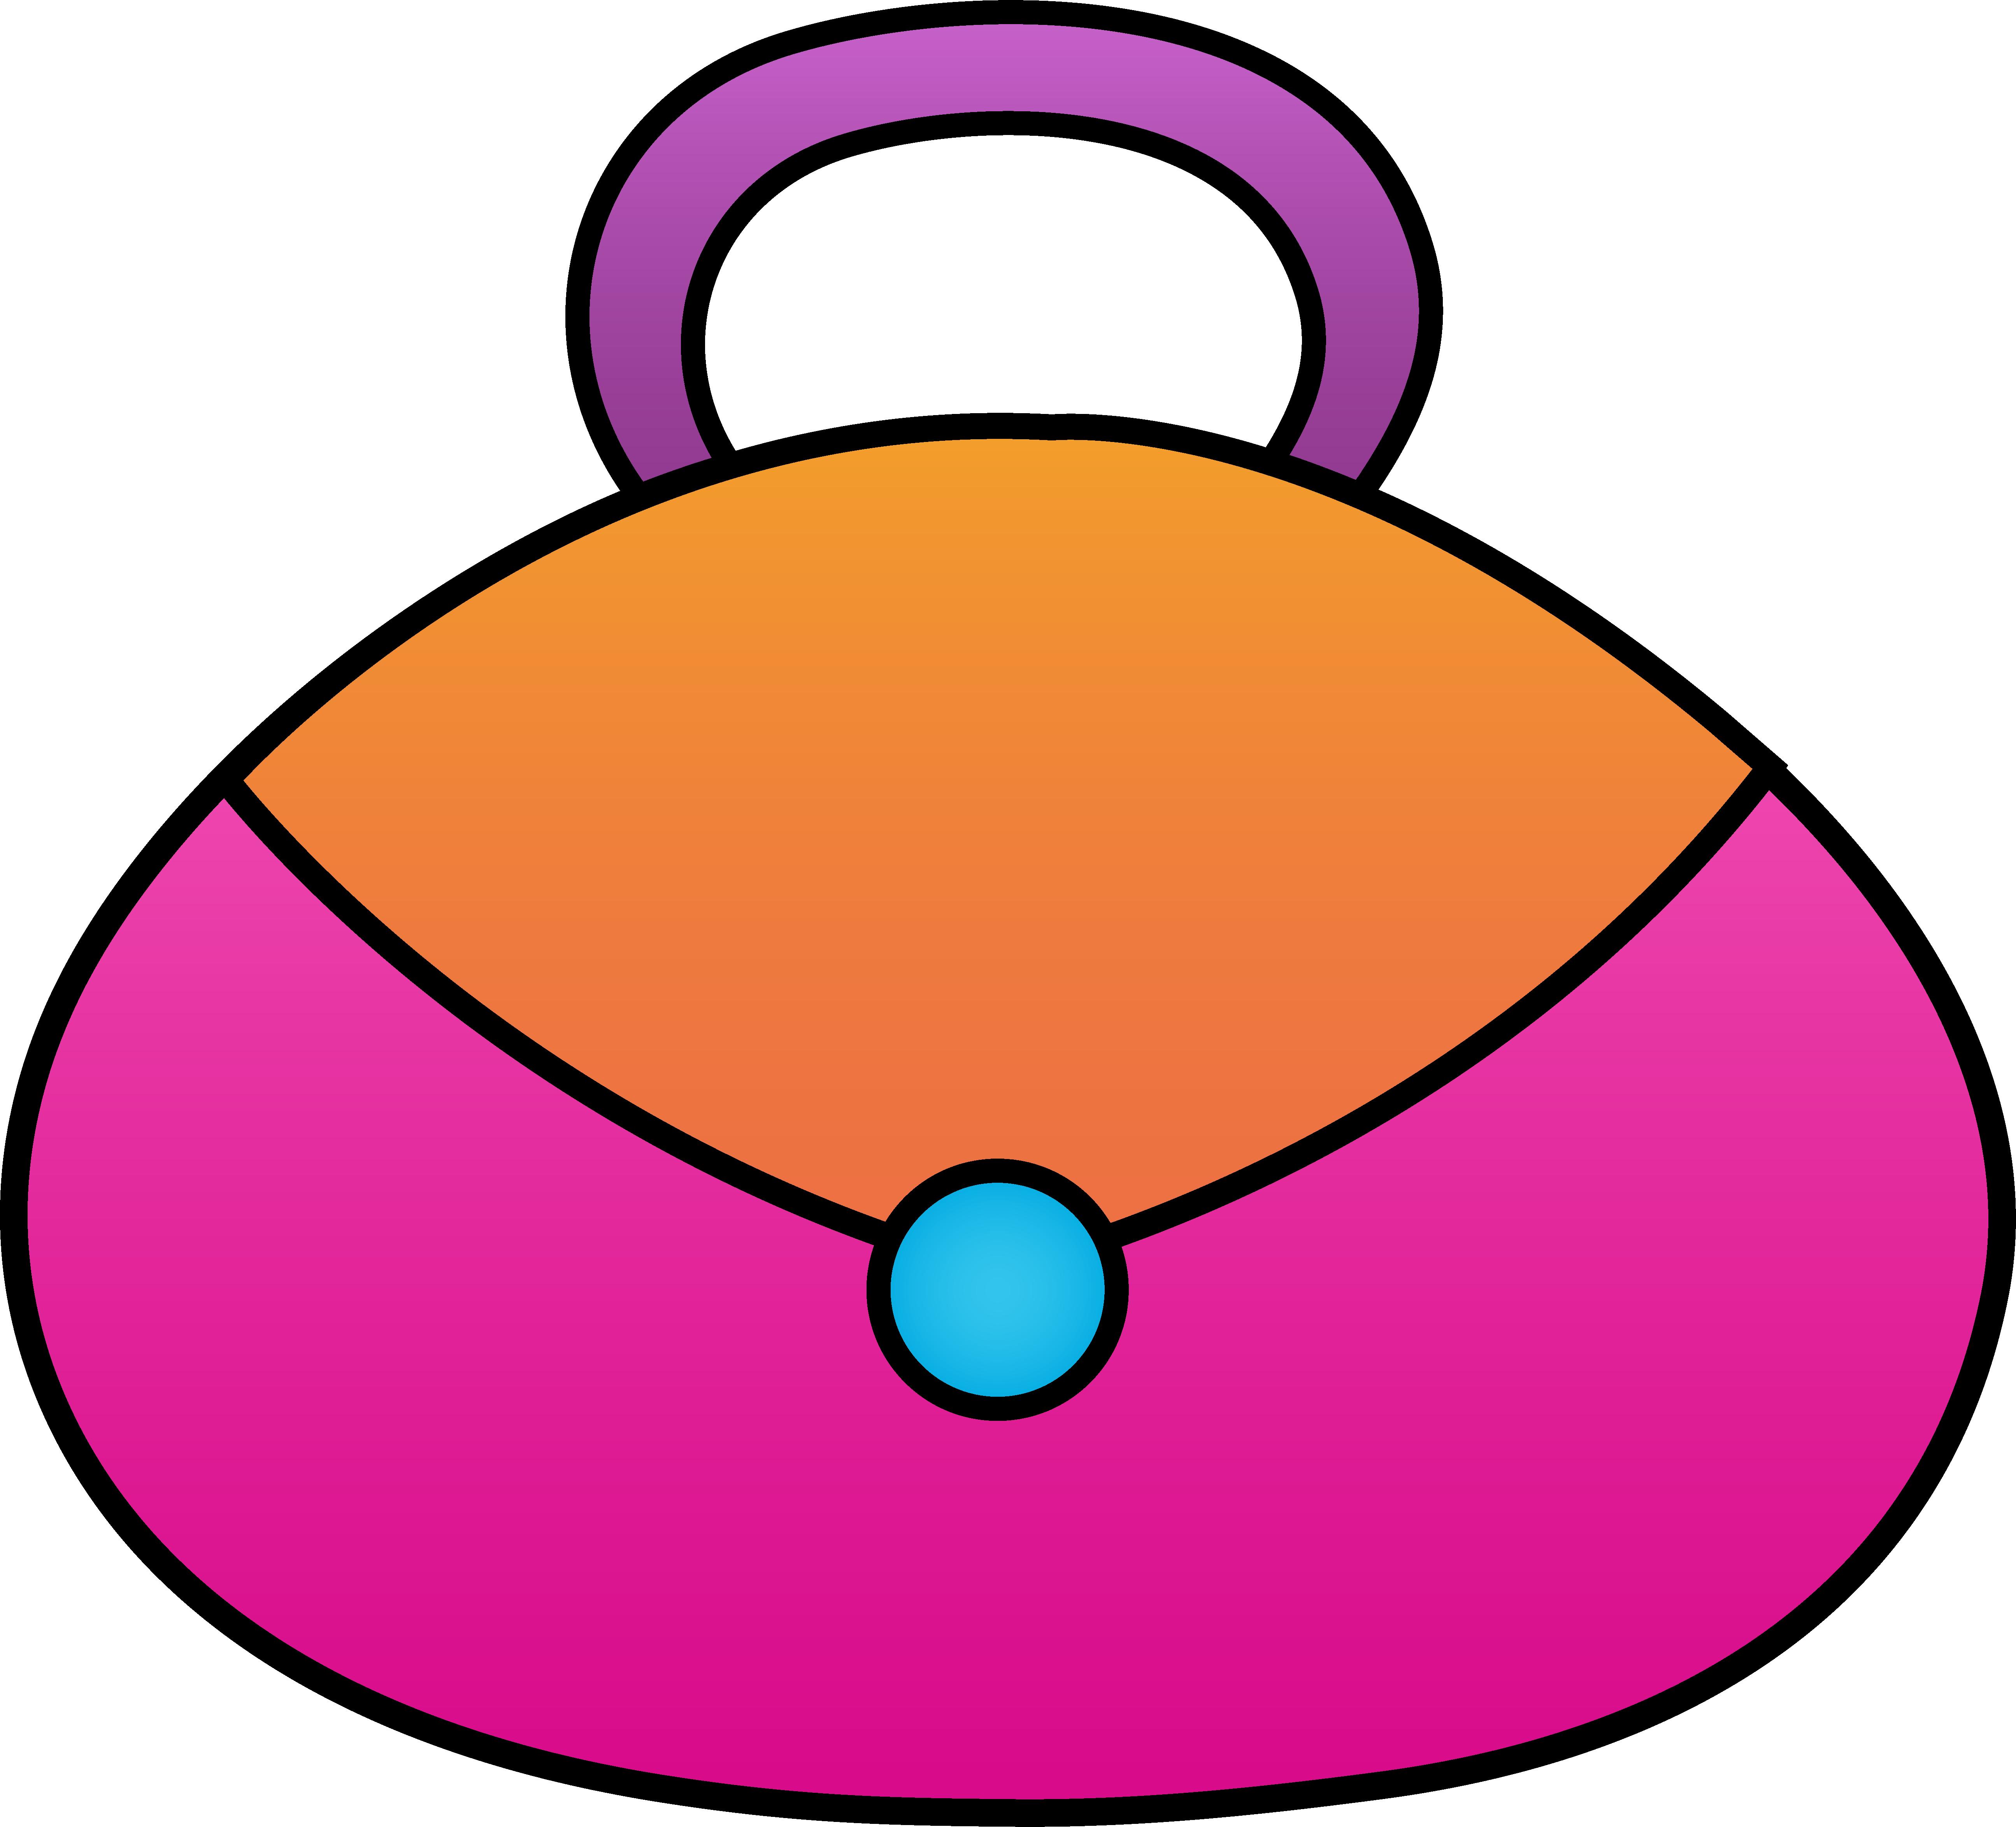 5181x4696 Little Pink Purse